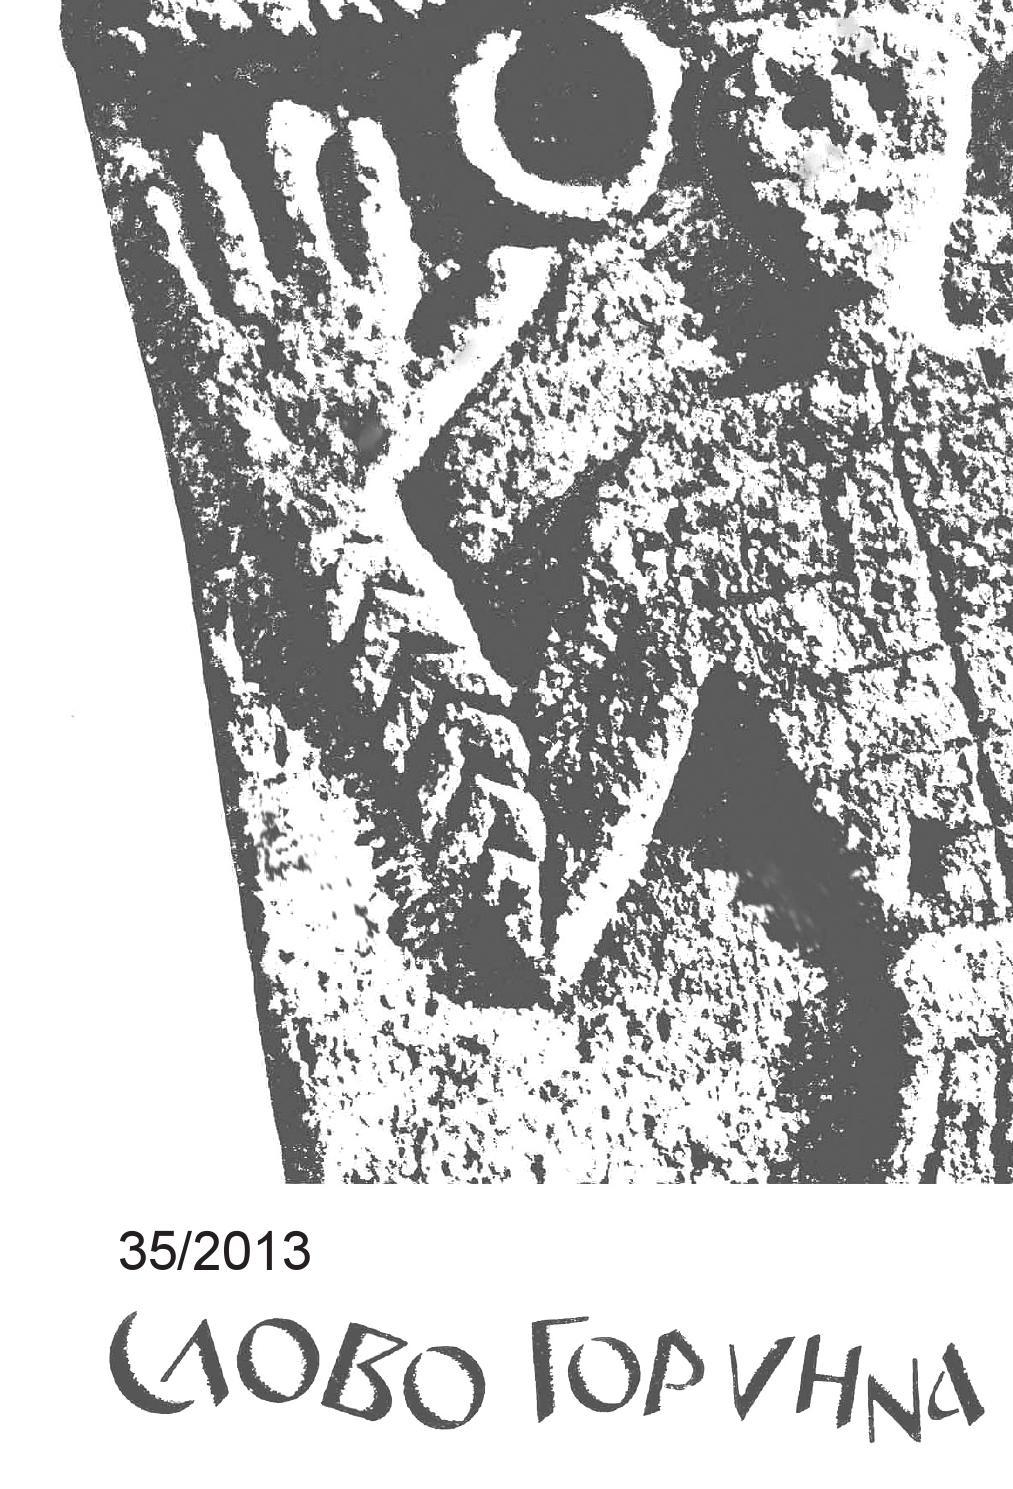 Maja salvador povijest datiranja